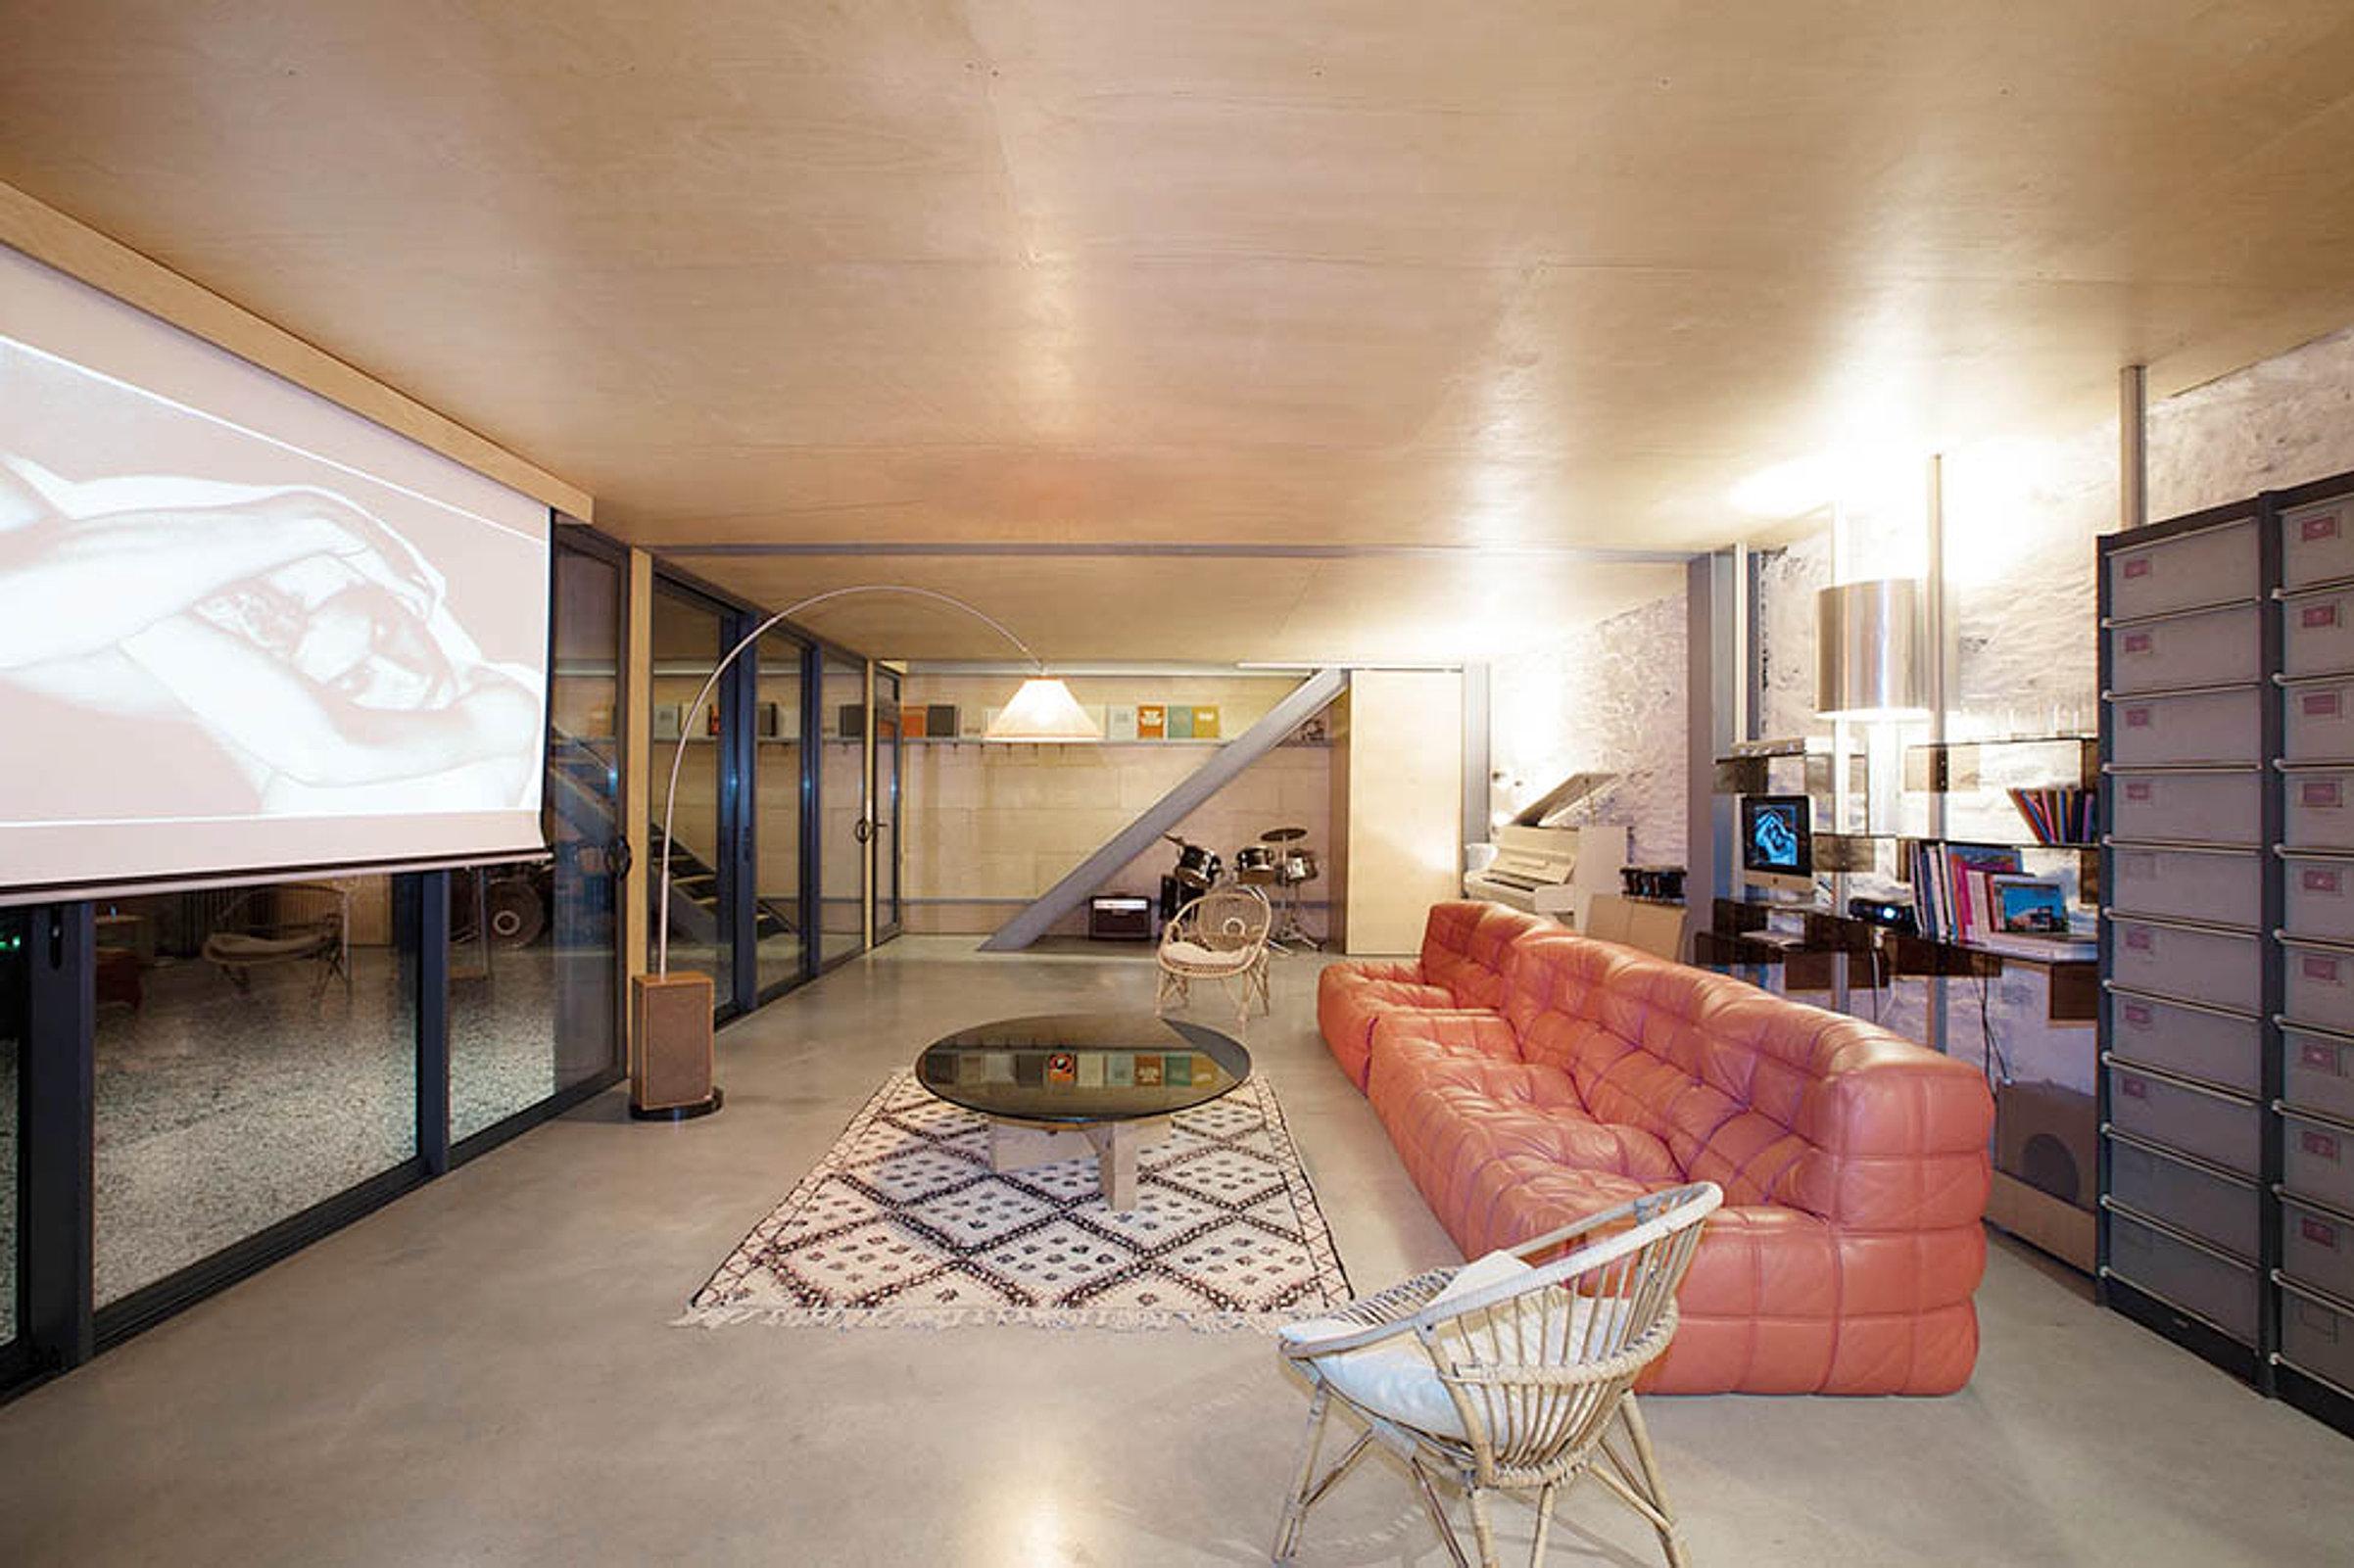 Location de vacances haut de gamme for Entree de maison design 12 gite haut de gamme